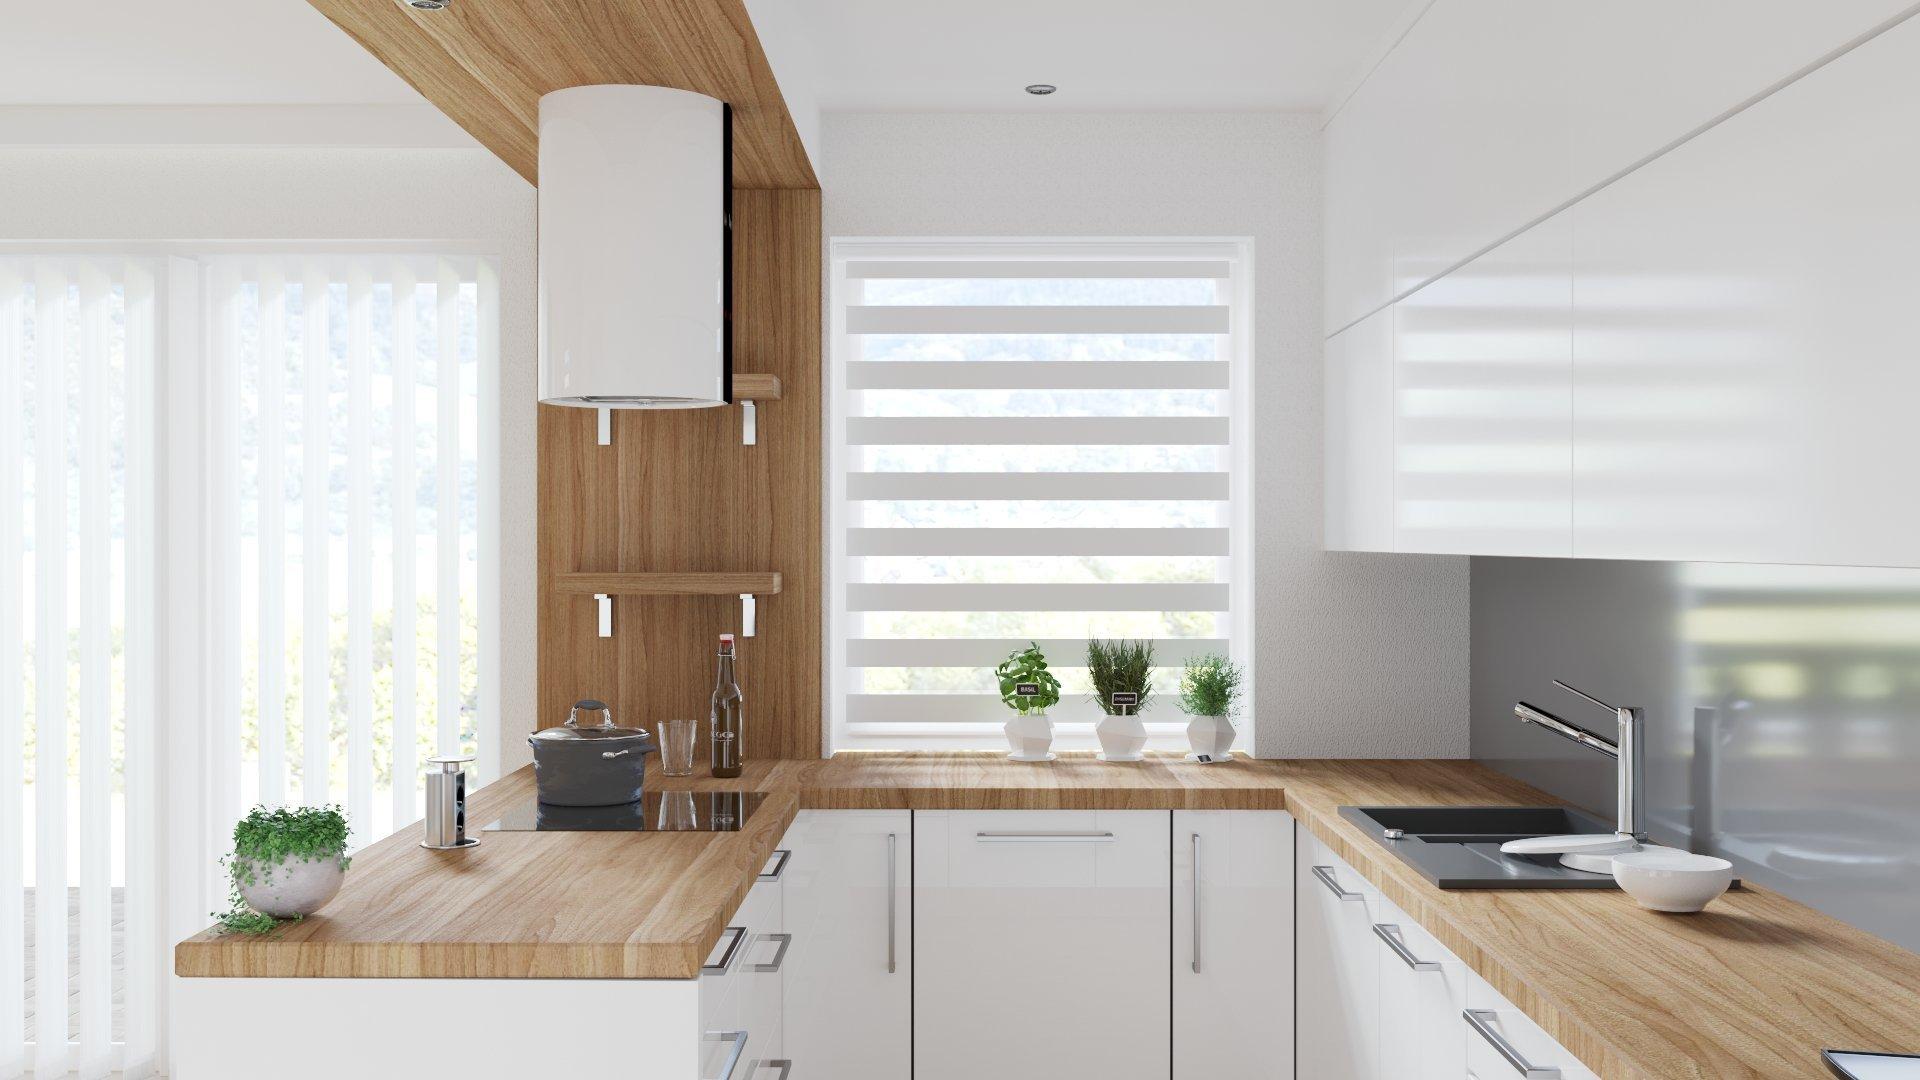 Jeden z několika návrhů obývacího pokoje spojeného s kuchyní v budoucí novostavbě rodinného domku. Požadavkem bylo použití obkladového kamene, dřeva a moderní…